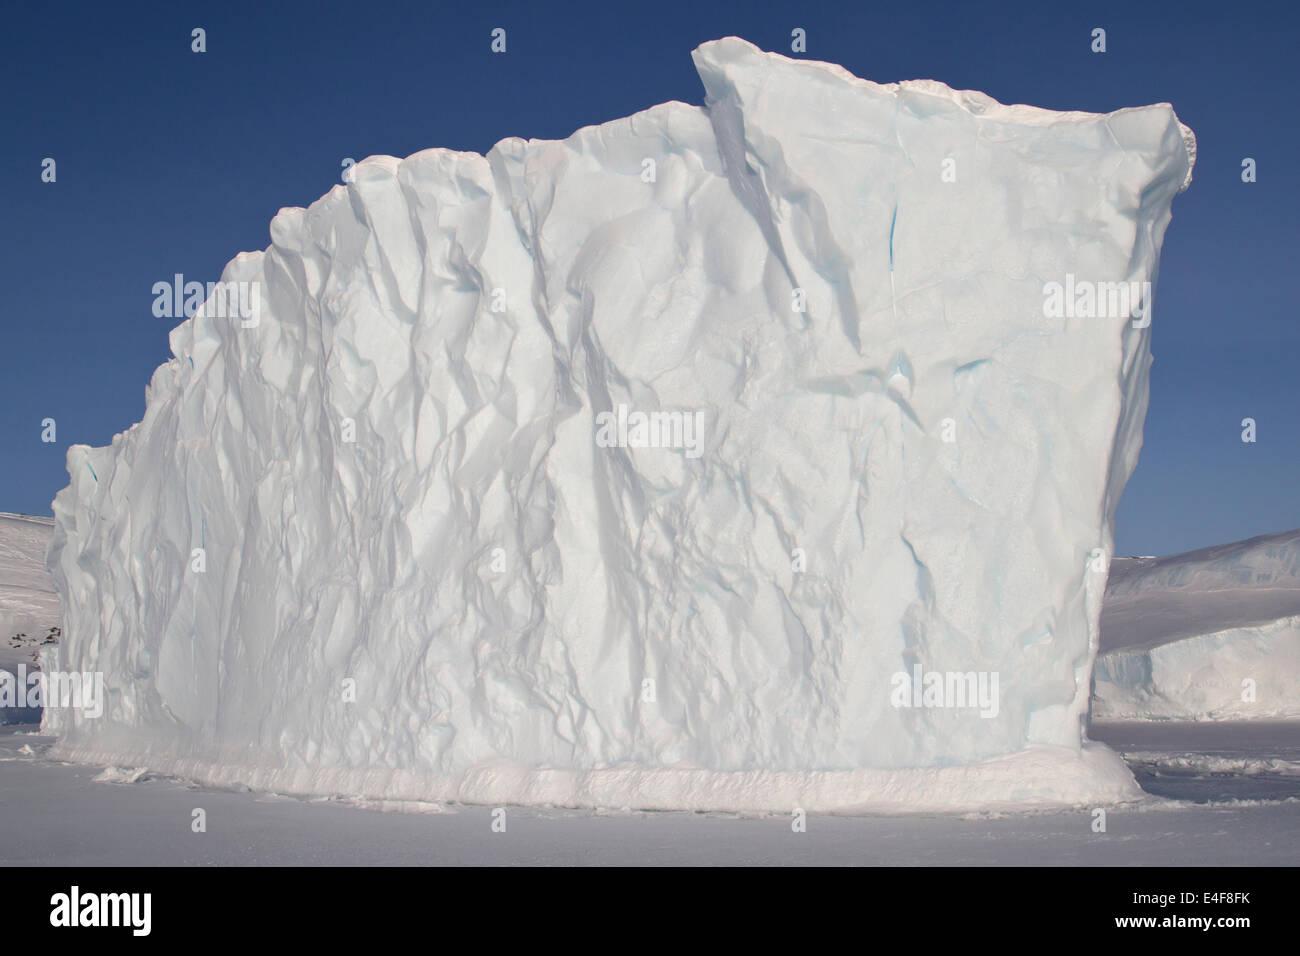 Les icebergs dans l'océan, près de l'îles de l'Antarctique Photo Stock